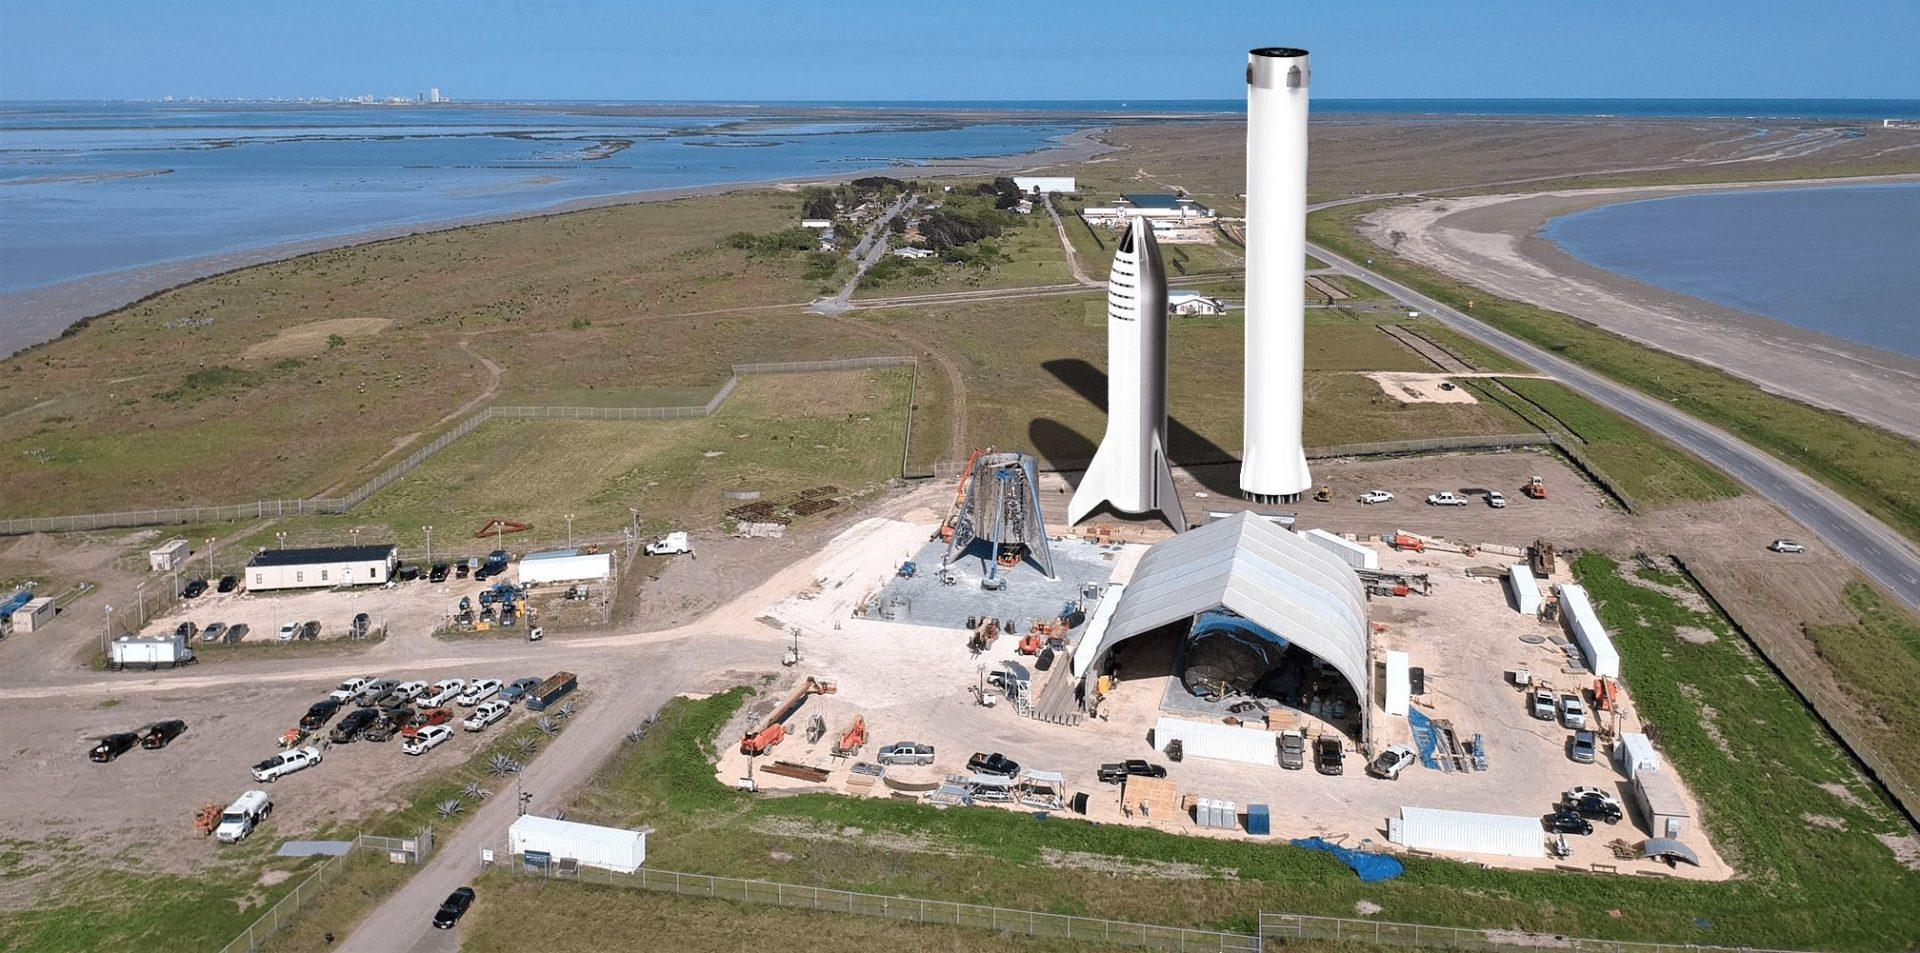 SpaceX Village: a polêmica cidade que Elon Musk pretende construir removendo moradores locais